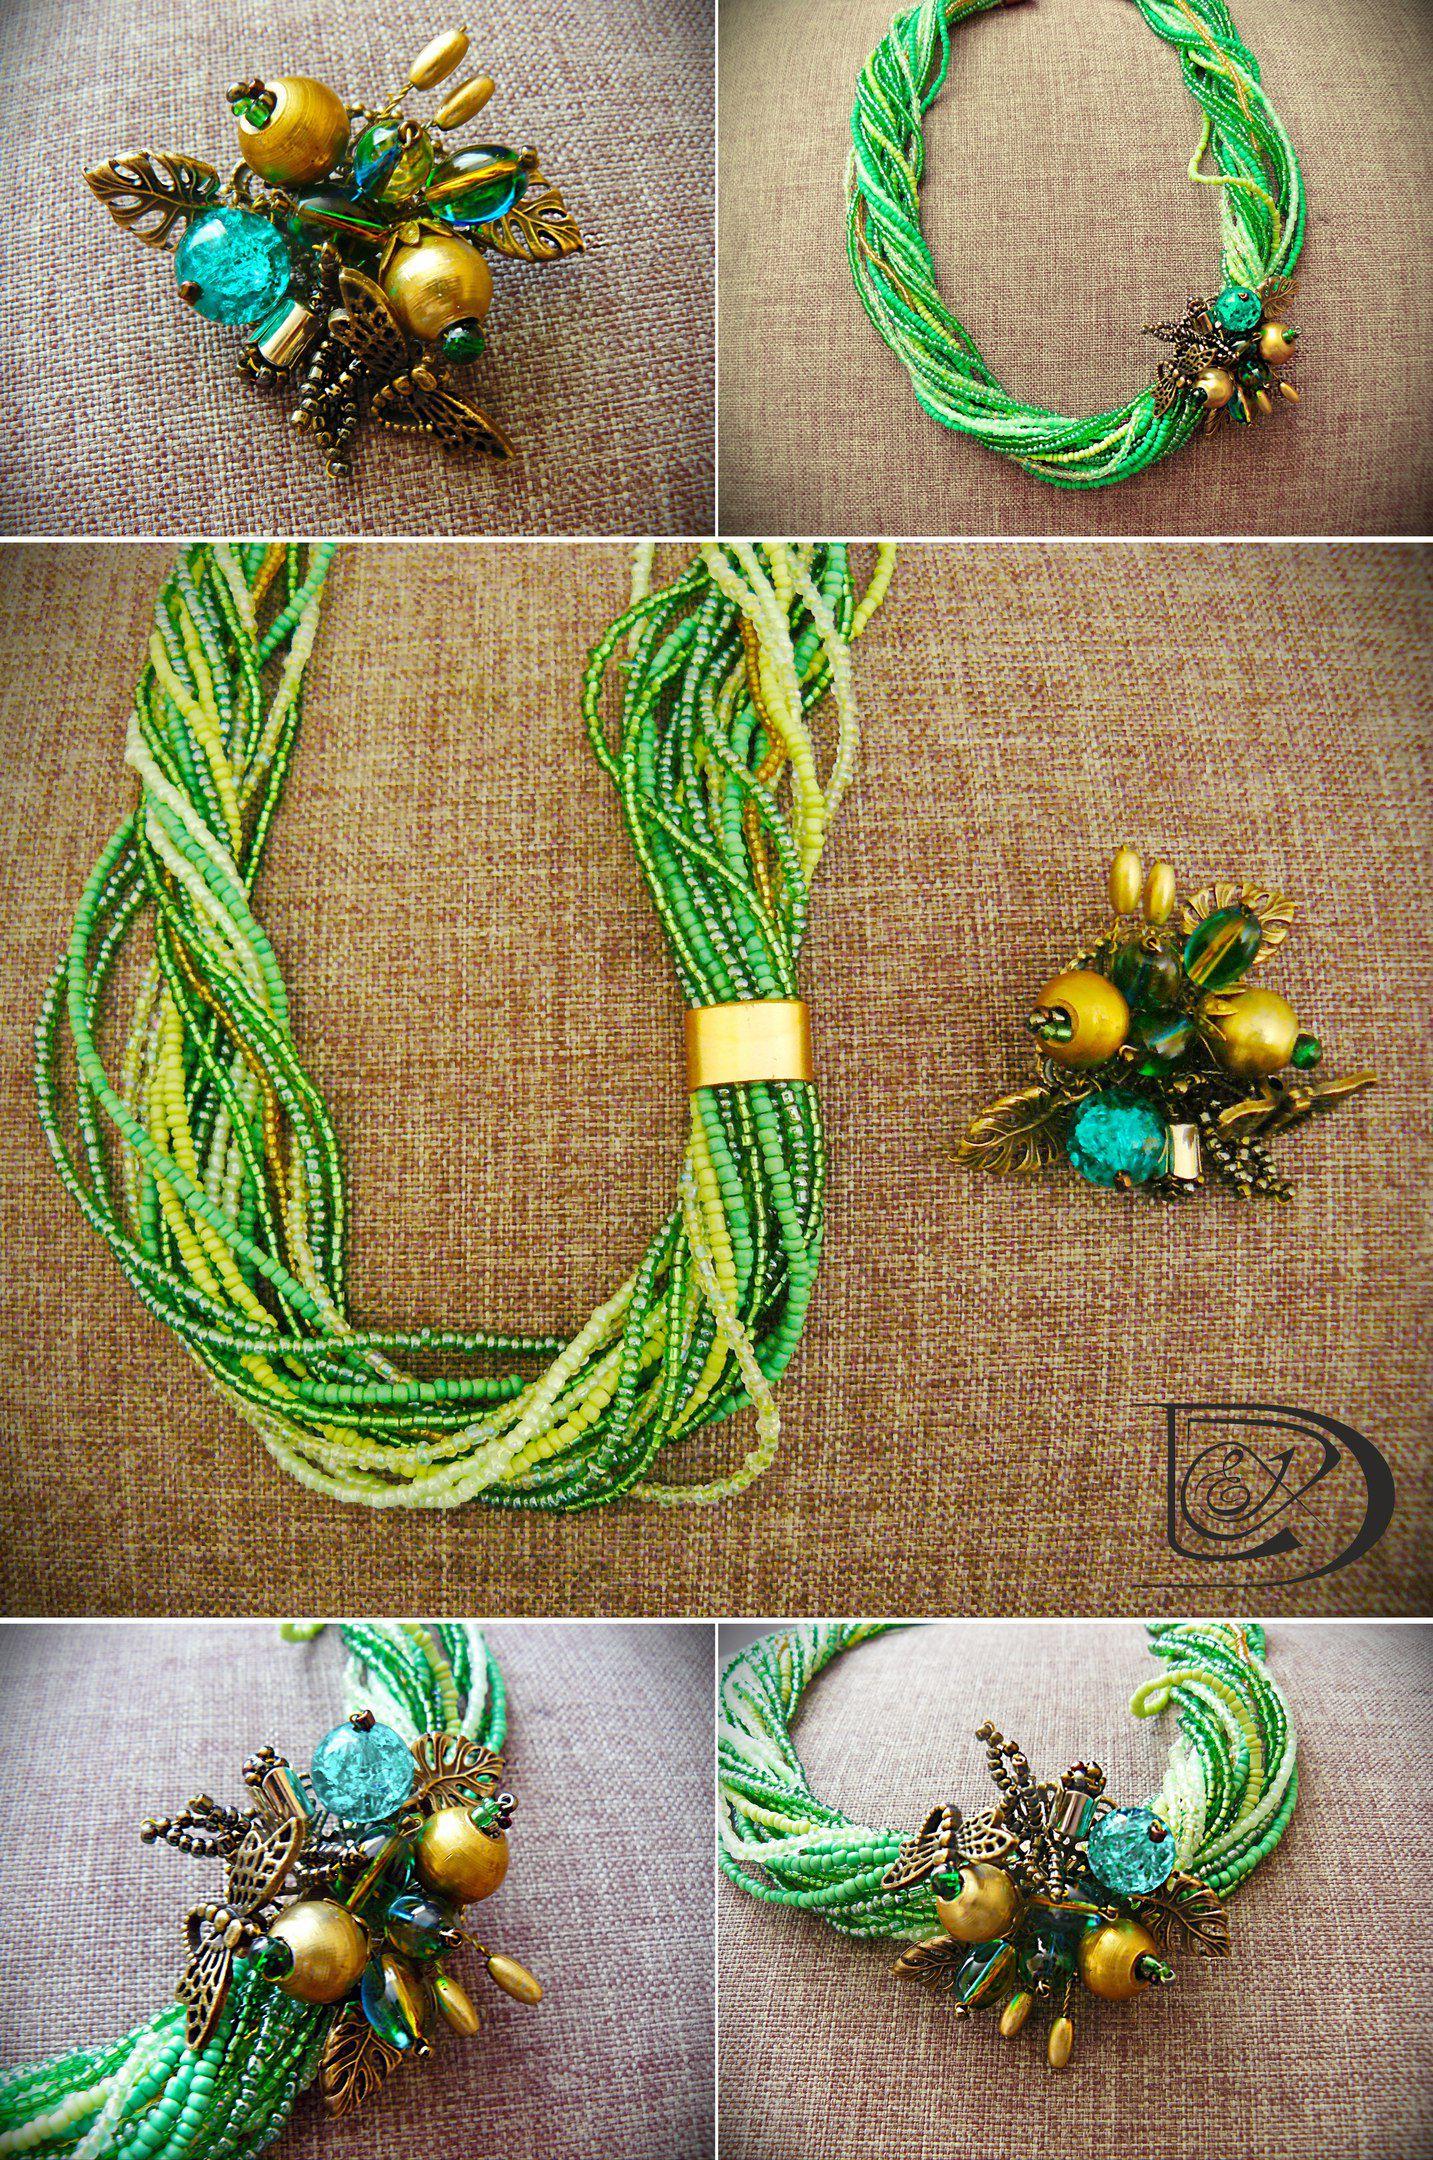 бижутерия серьгикупить beauty wirewrap jewelry брошьназаказ колье брошь beautiful jewel подарок подароклюбимой